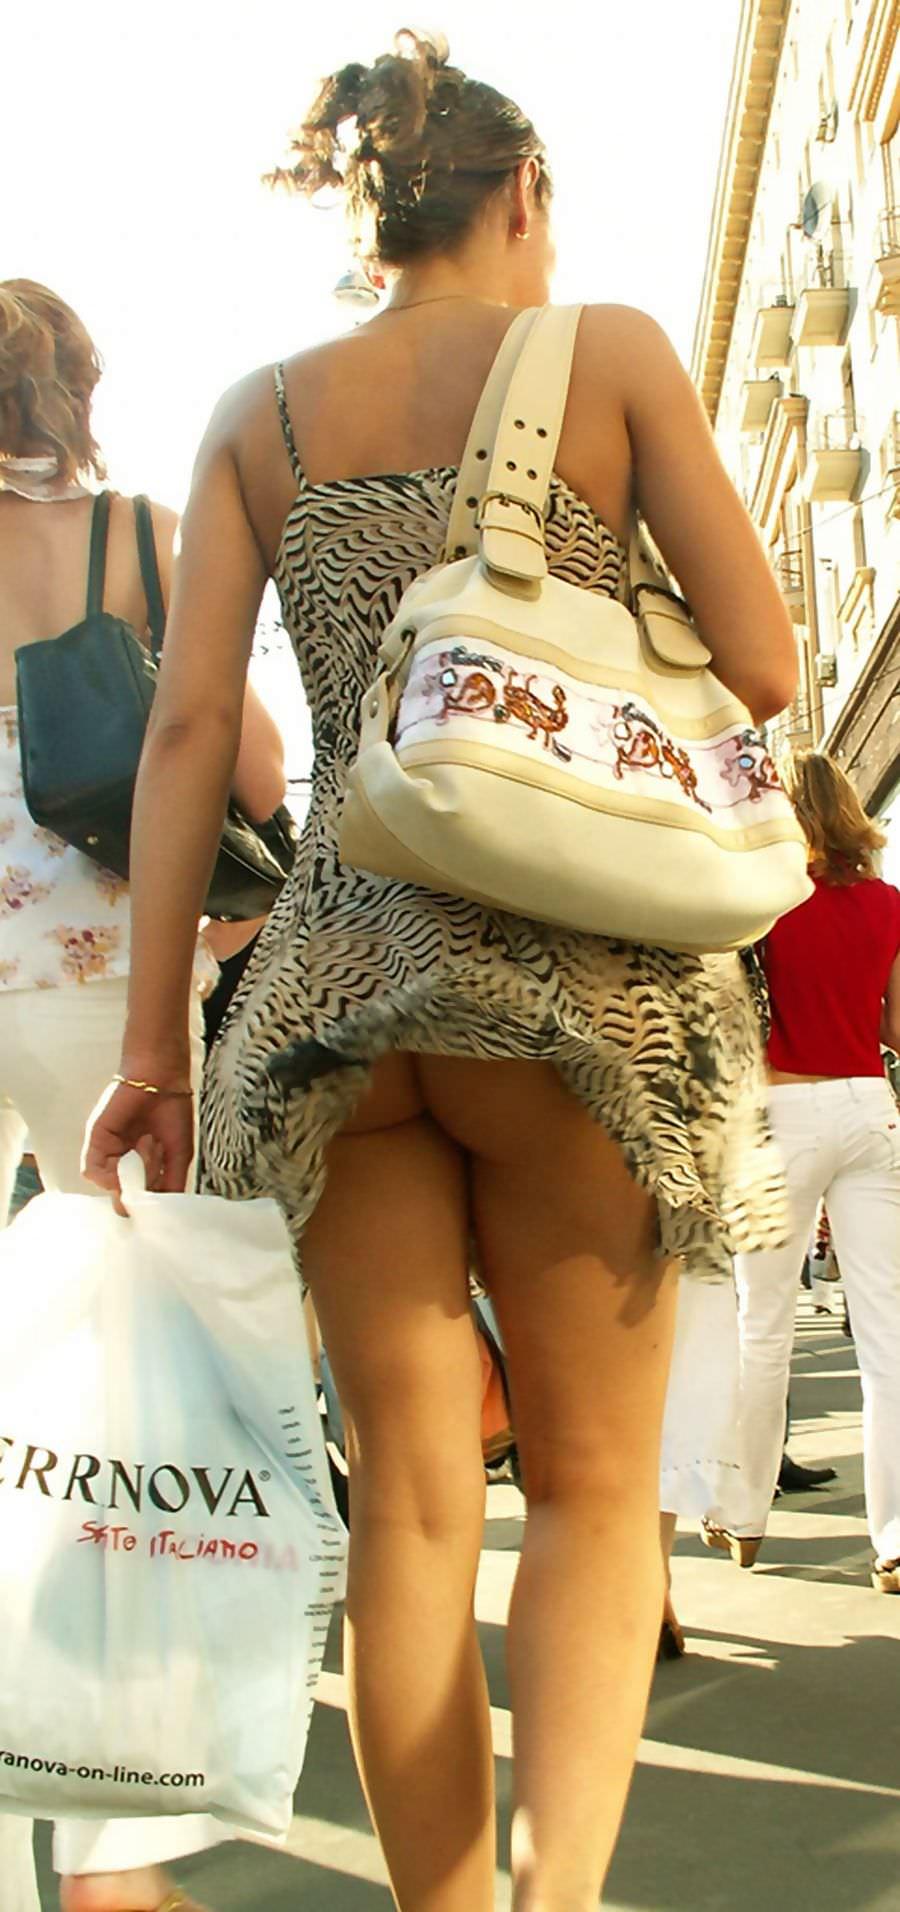 むっちりしたお尻の肉が圧迫した衣服から飛び出している街撮りエロ画像 731